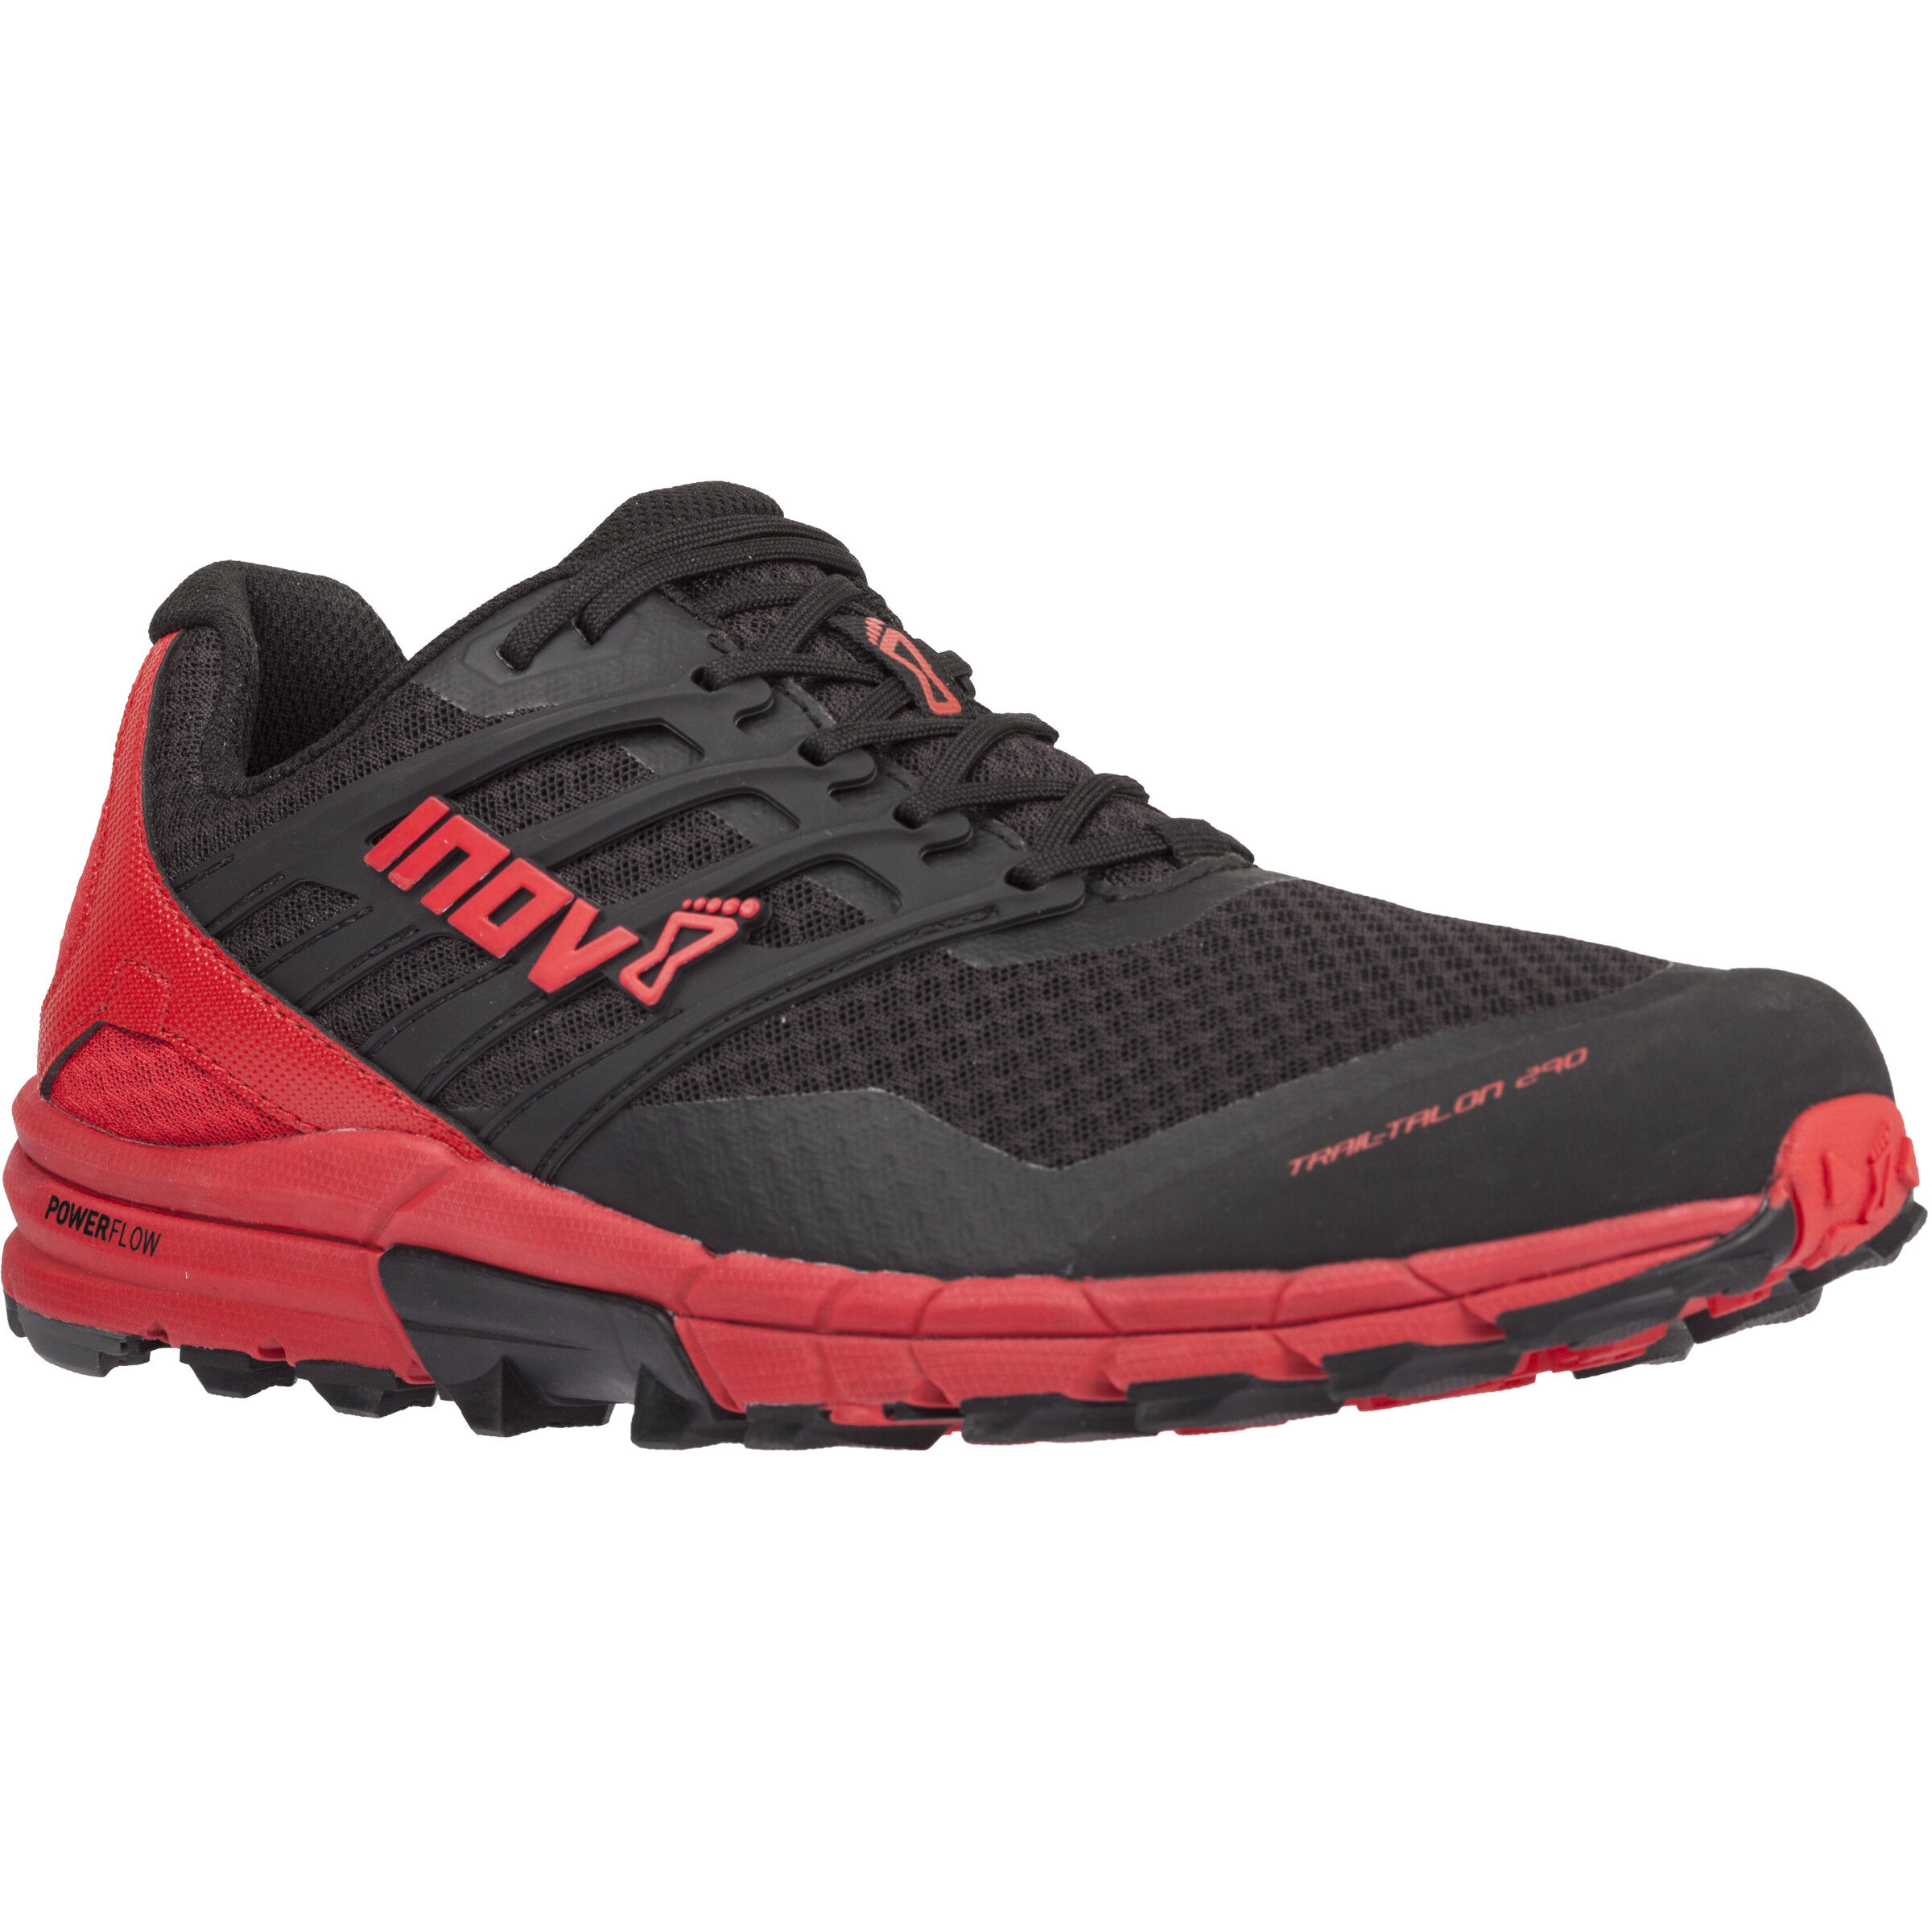 Trail Inov 8 Schuhe Kaufen Günstig Running 0OXknwP8